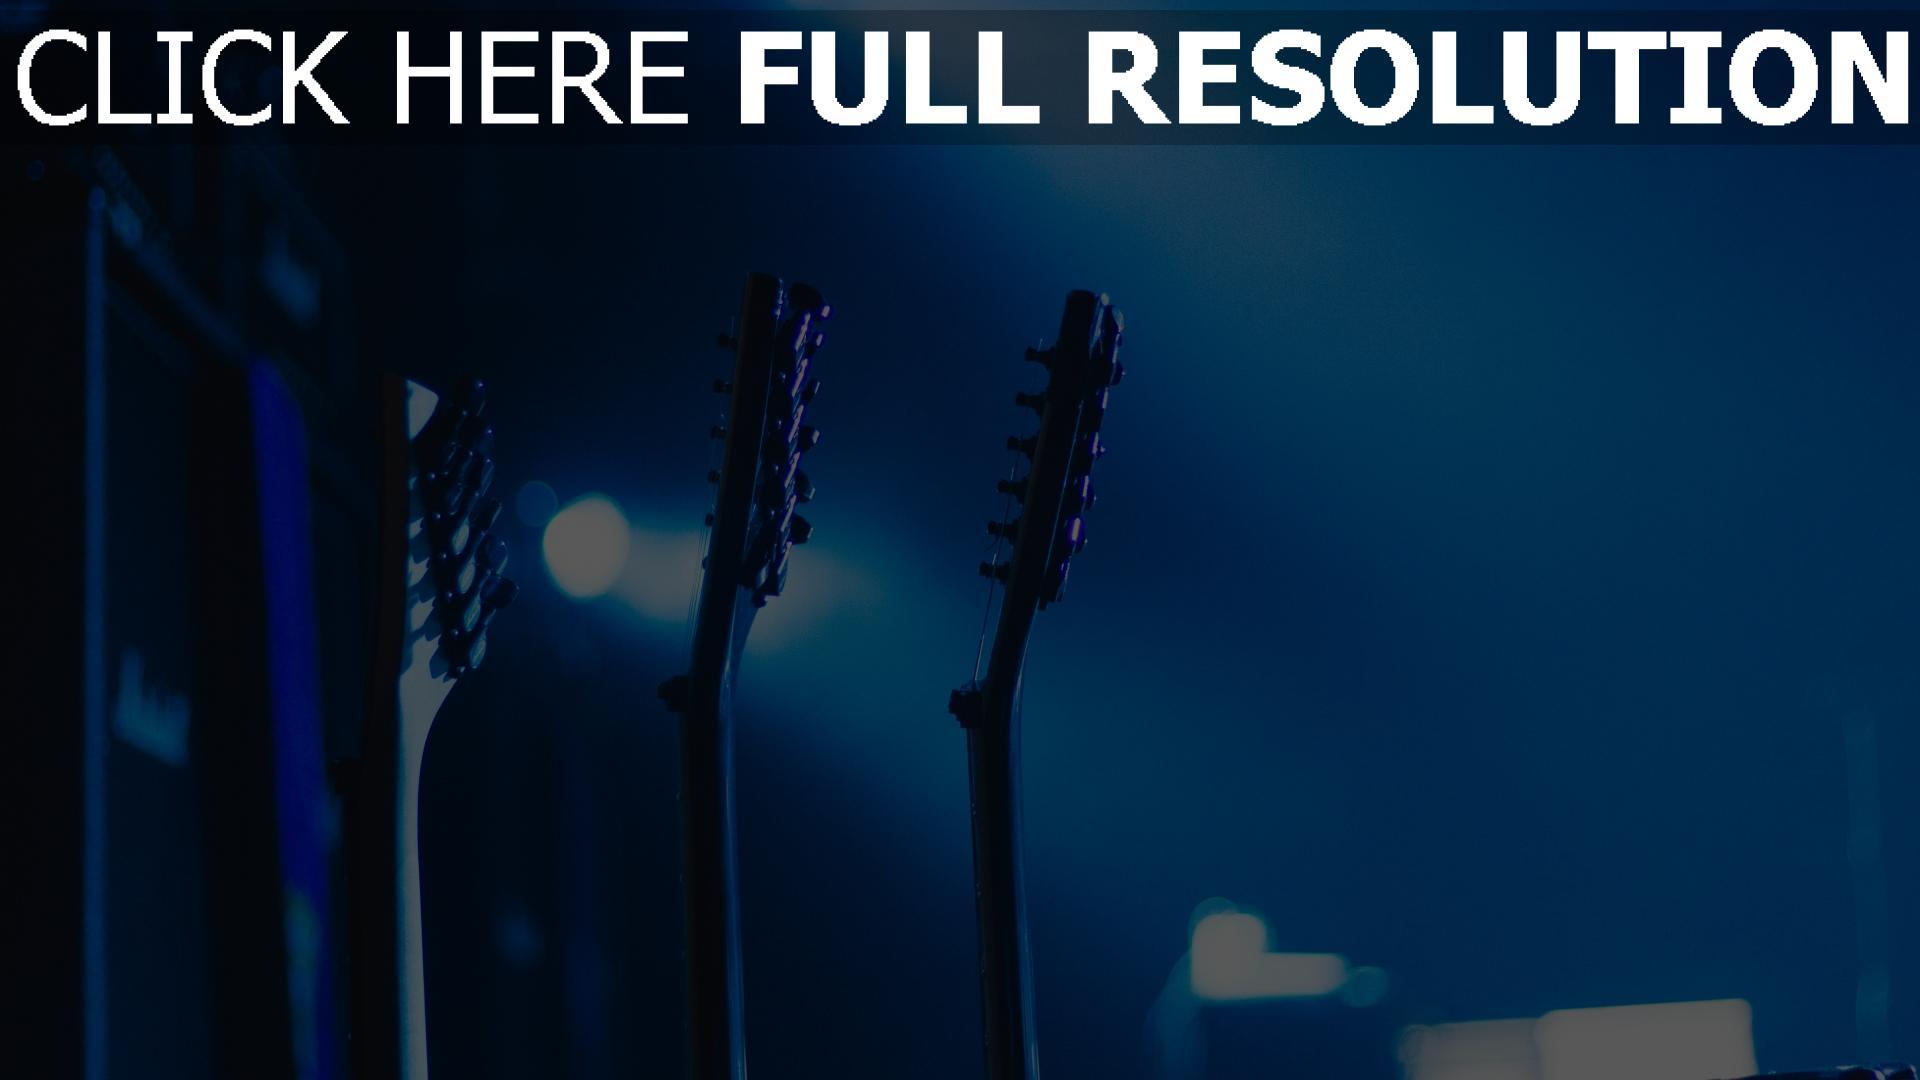 hd hintergrundbilder hals gitarre musik 1920x1080